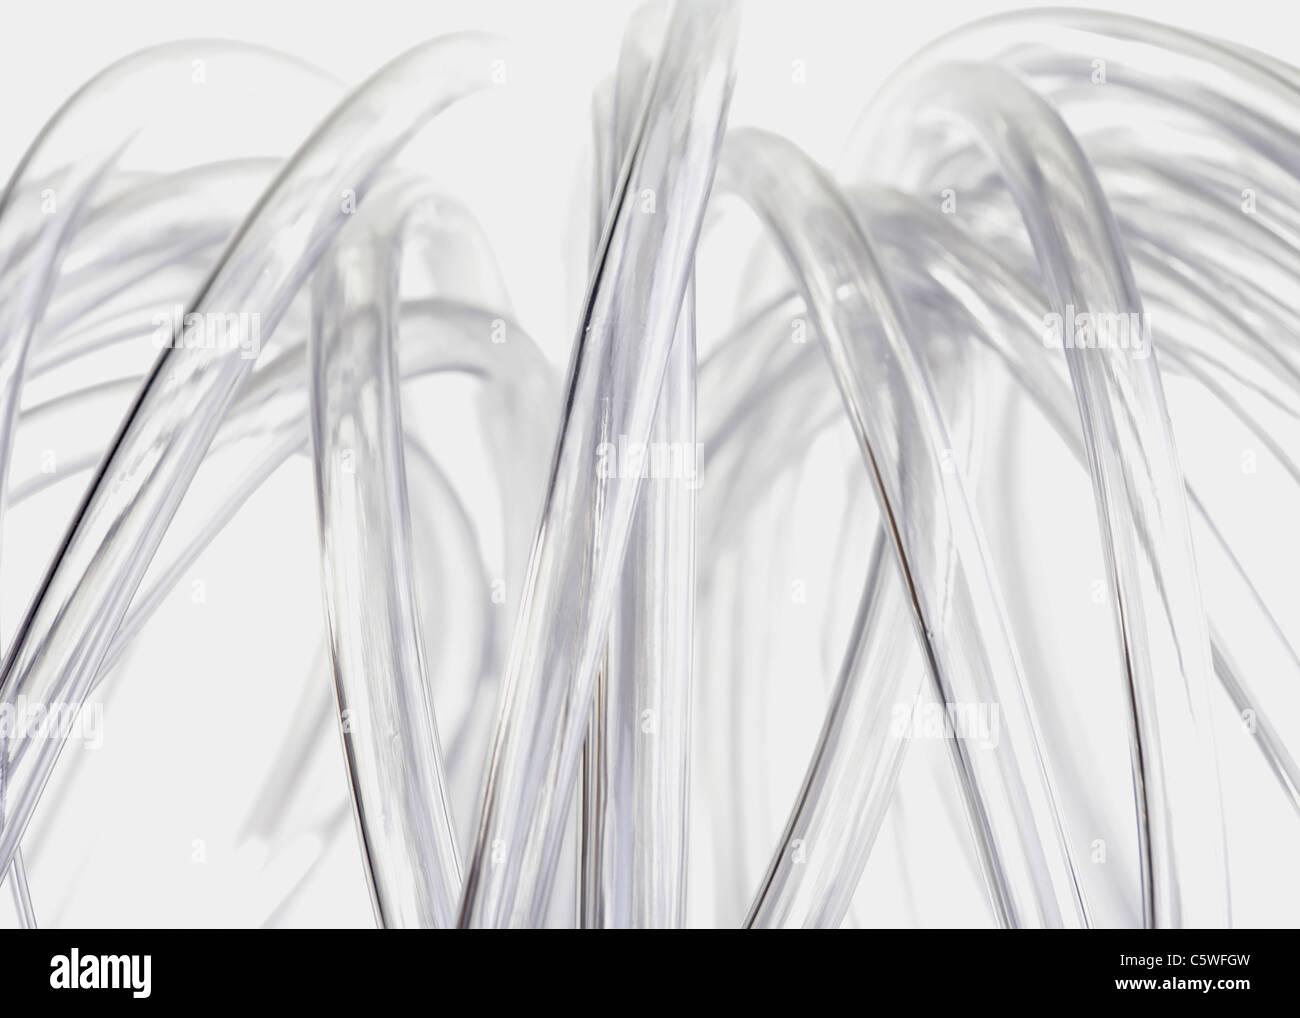 Tubi di plastica contro uno sfondo bianco Immagini Stock